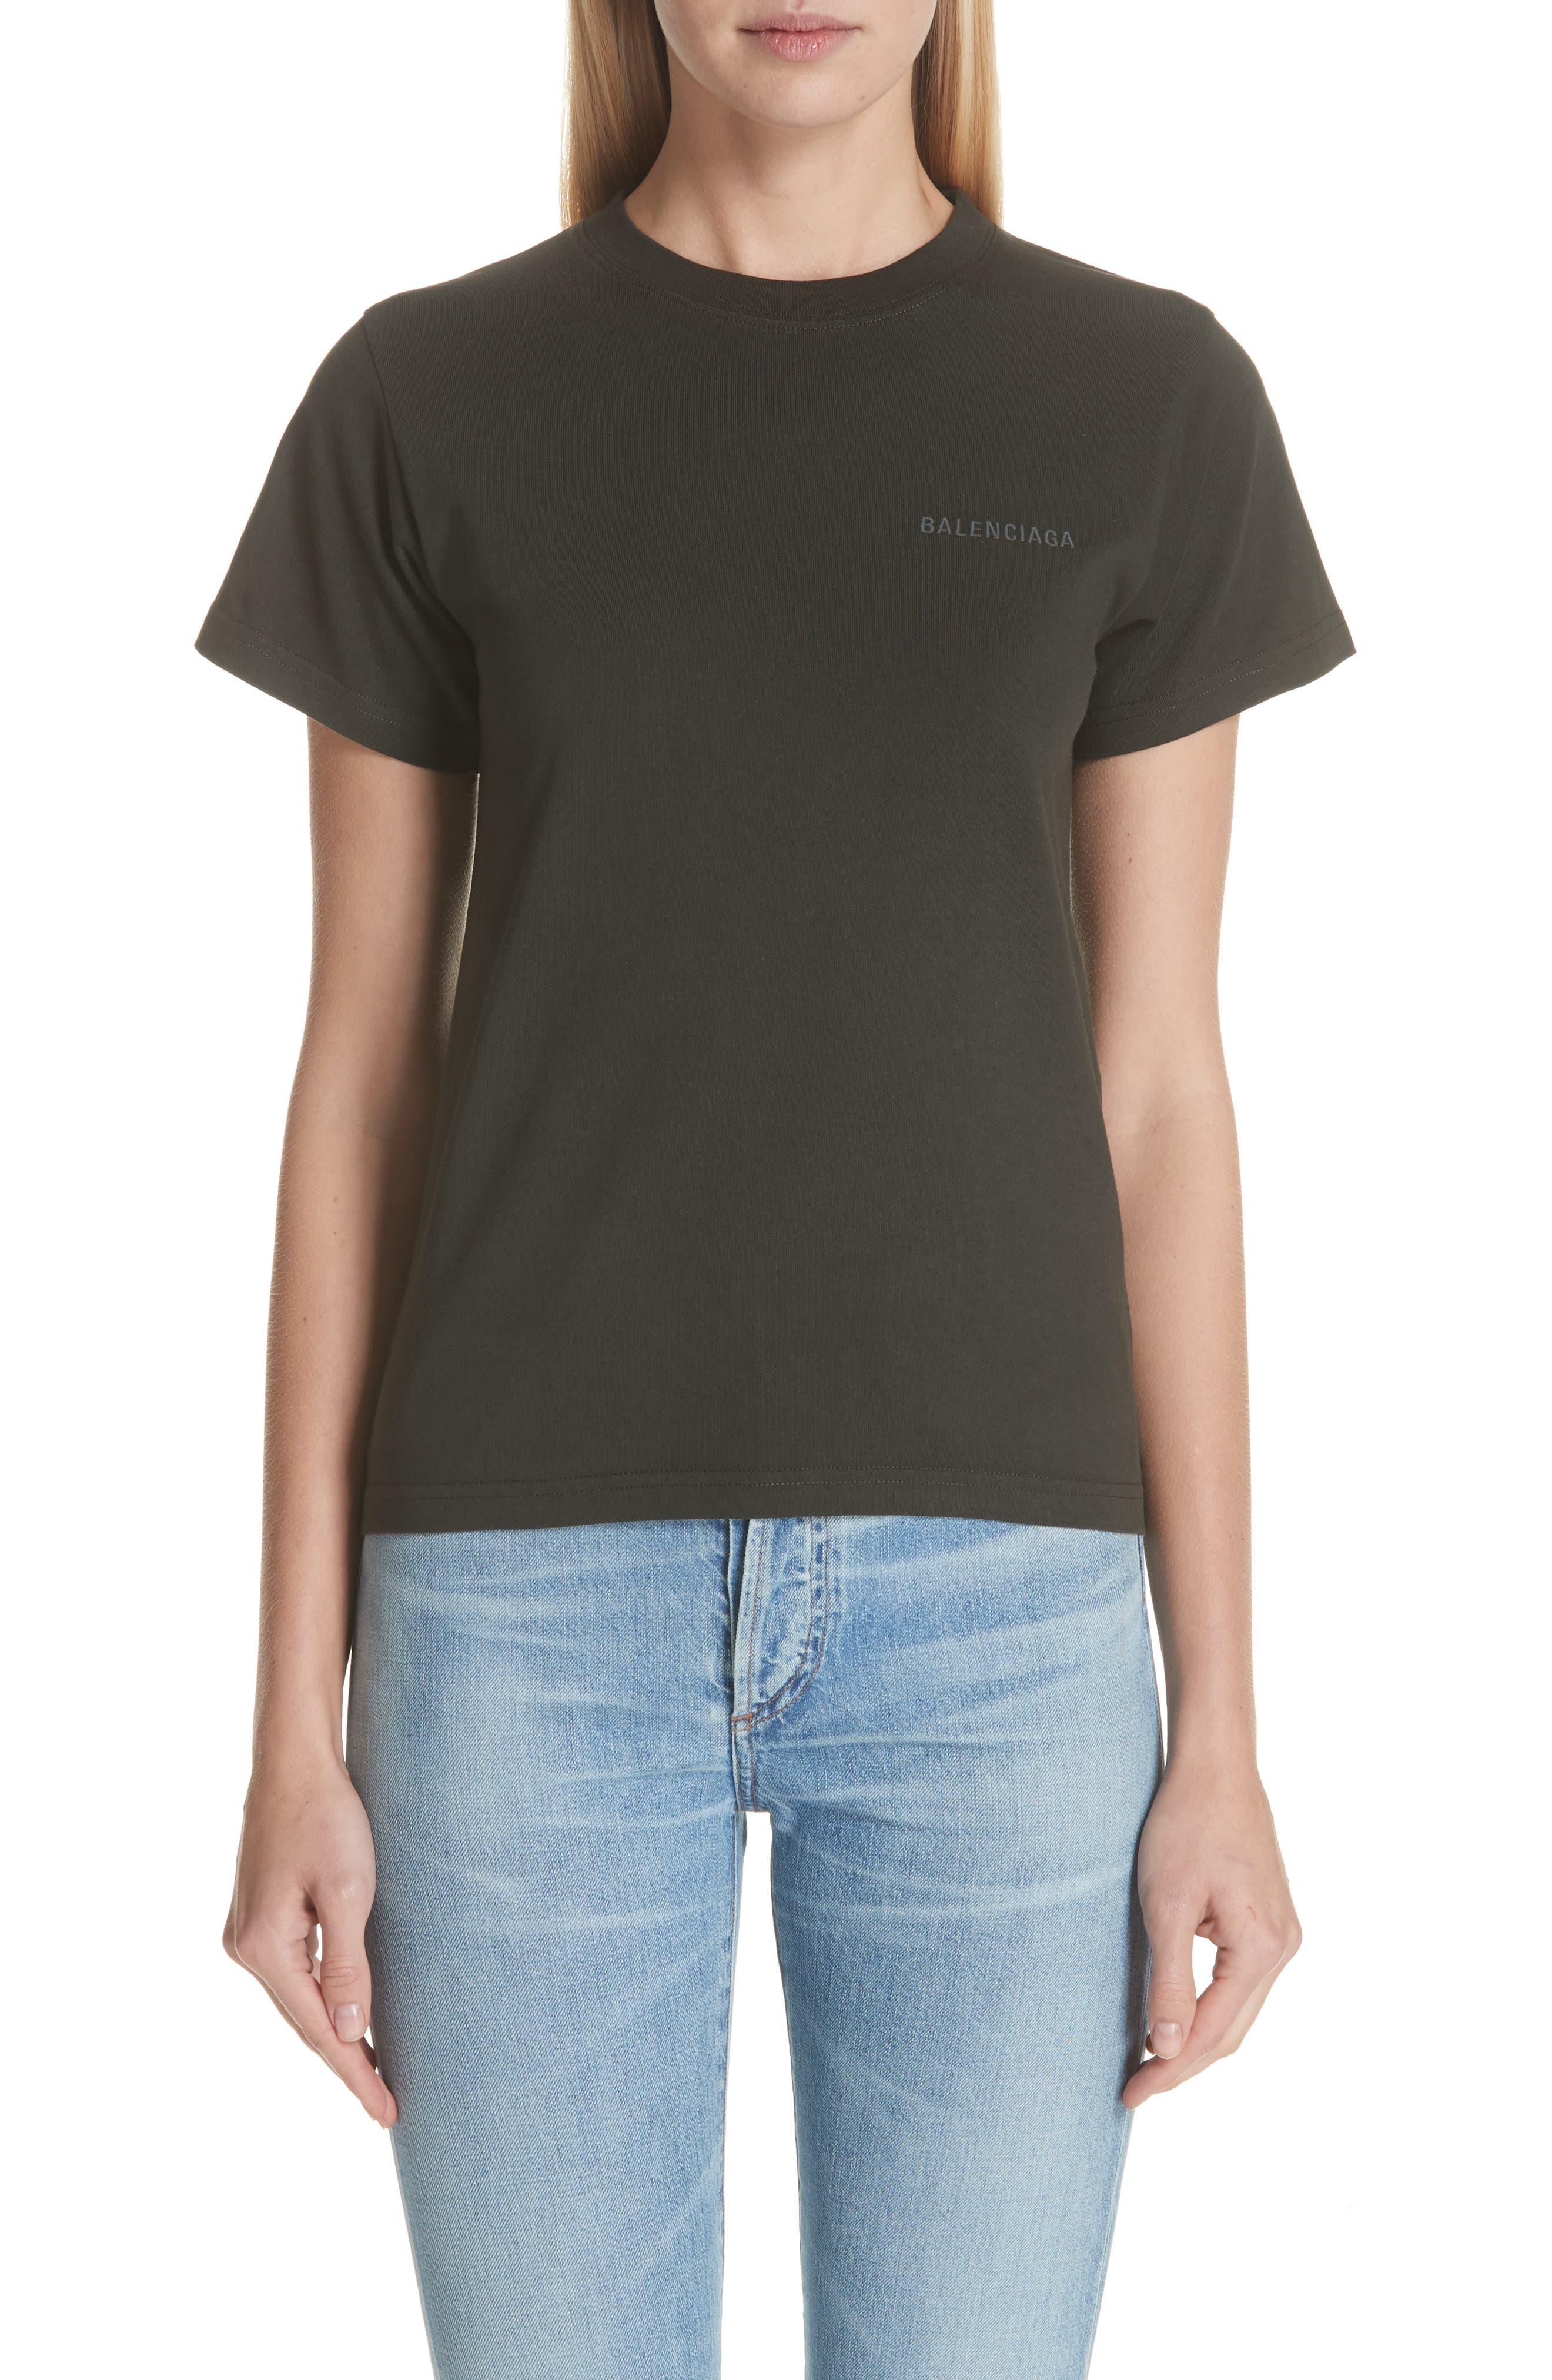 ec1de45c8 Women's Balenciaga Clothing | Nordstrom